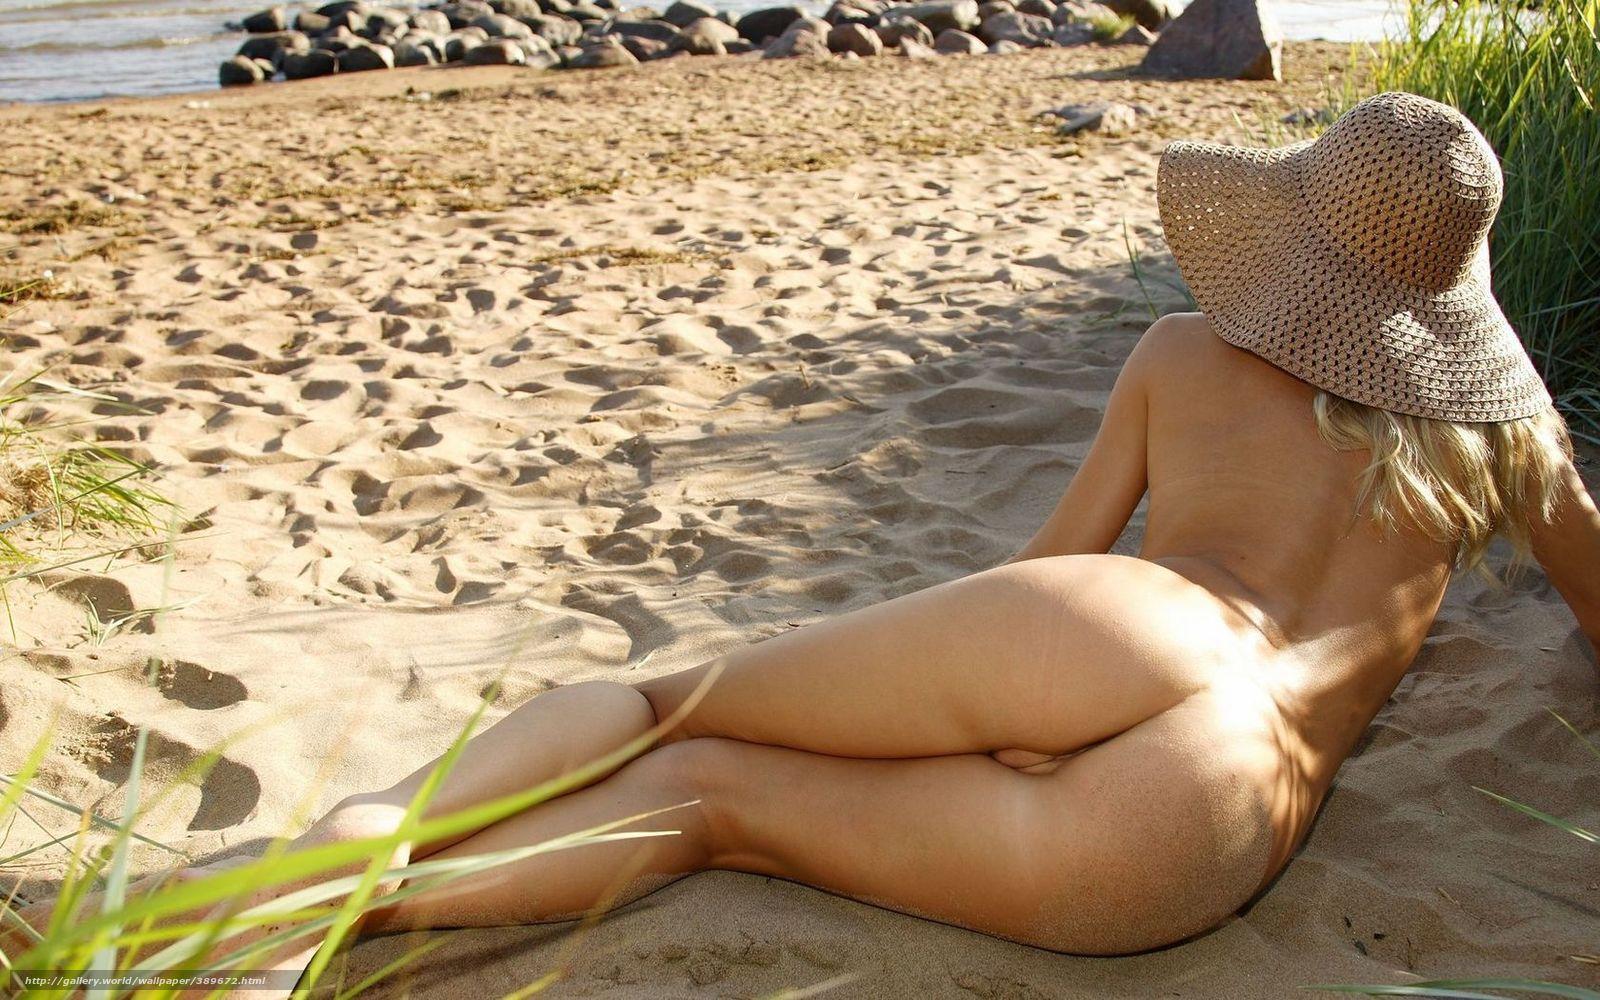 Фото упражнения азиаток занимаются на пляже 19 фотография